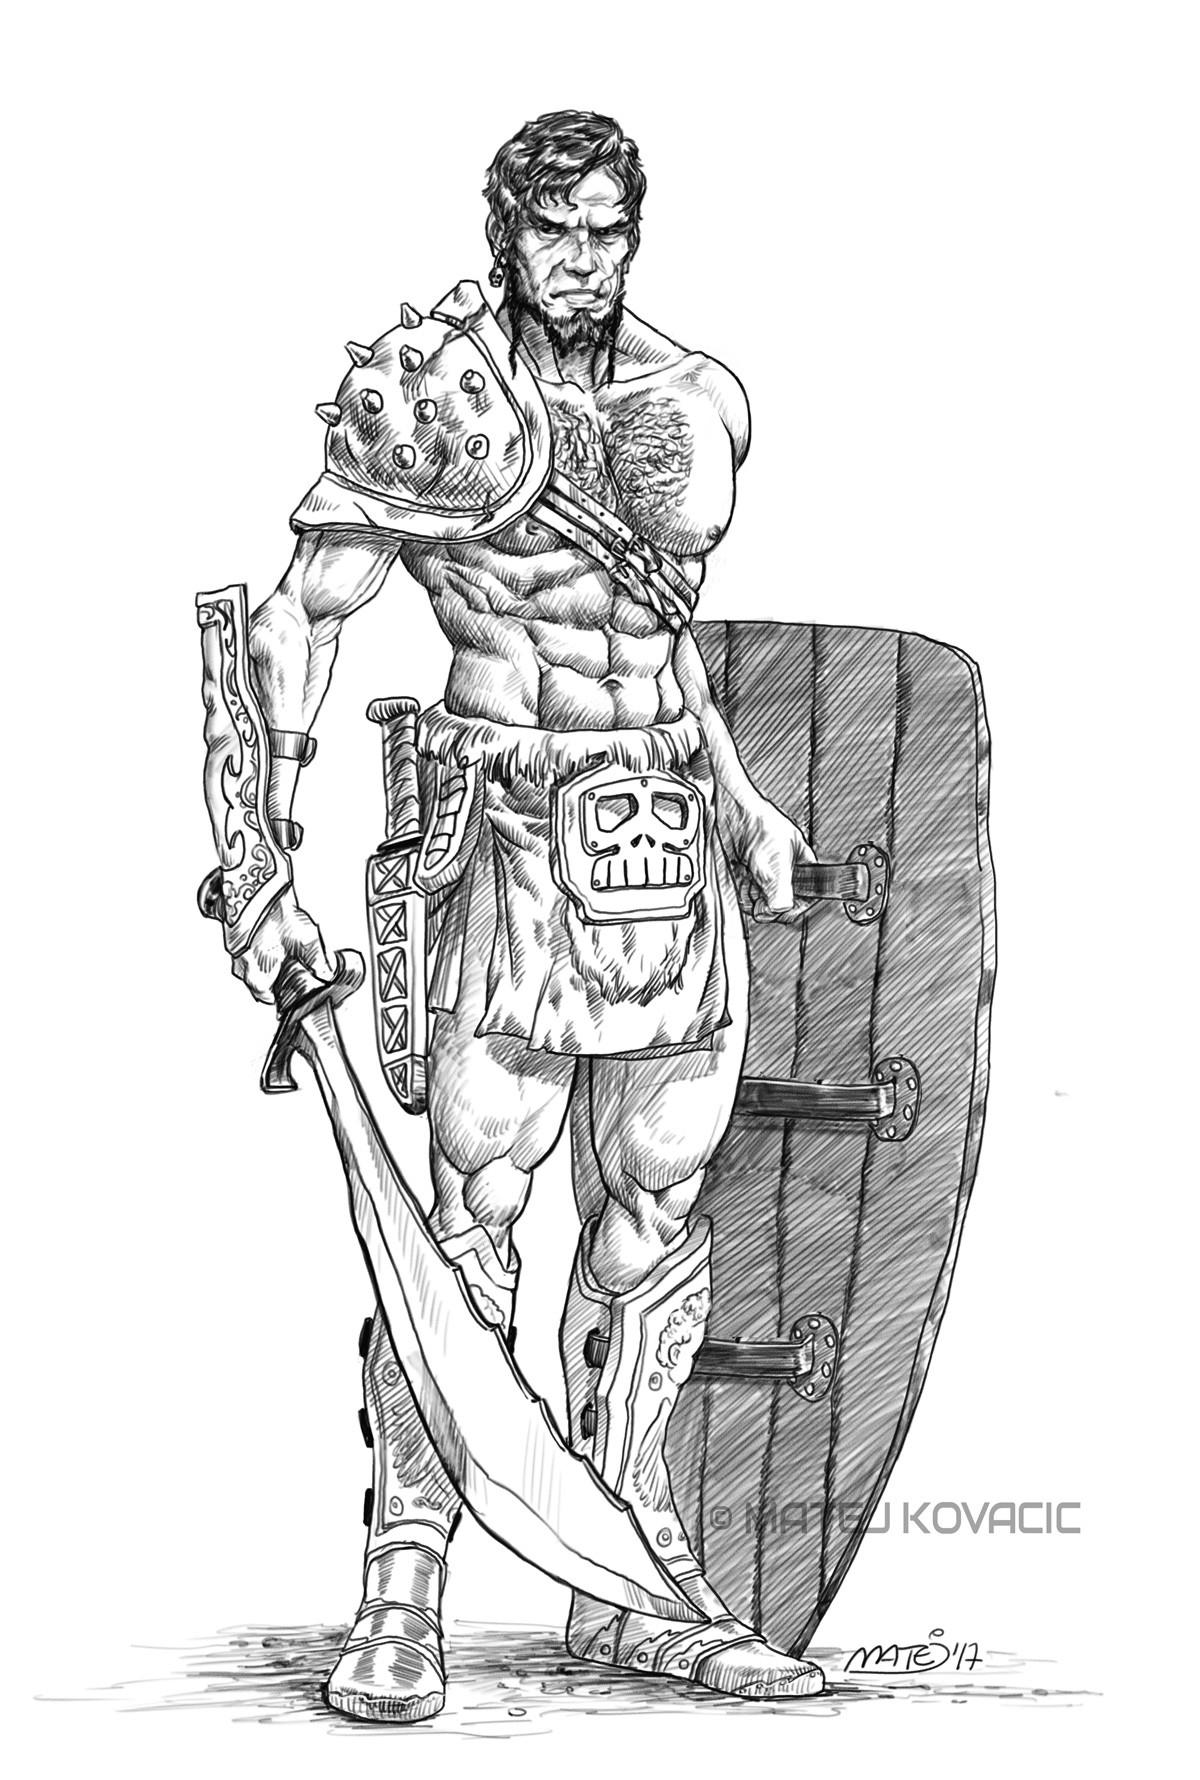 Matej kovacic gladiator by matej kovacic